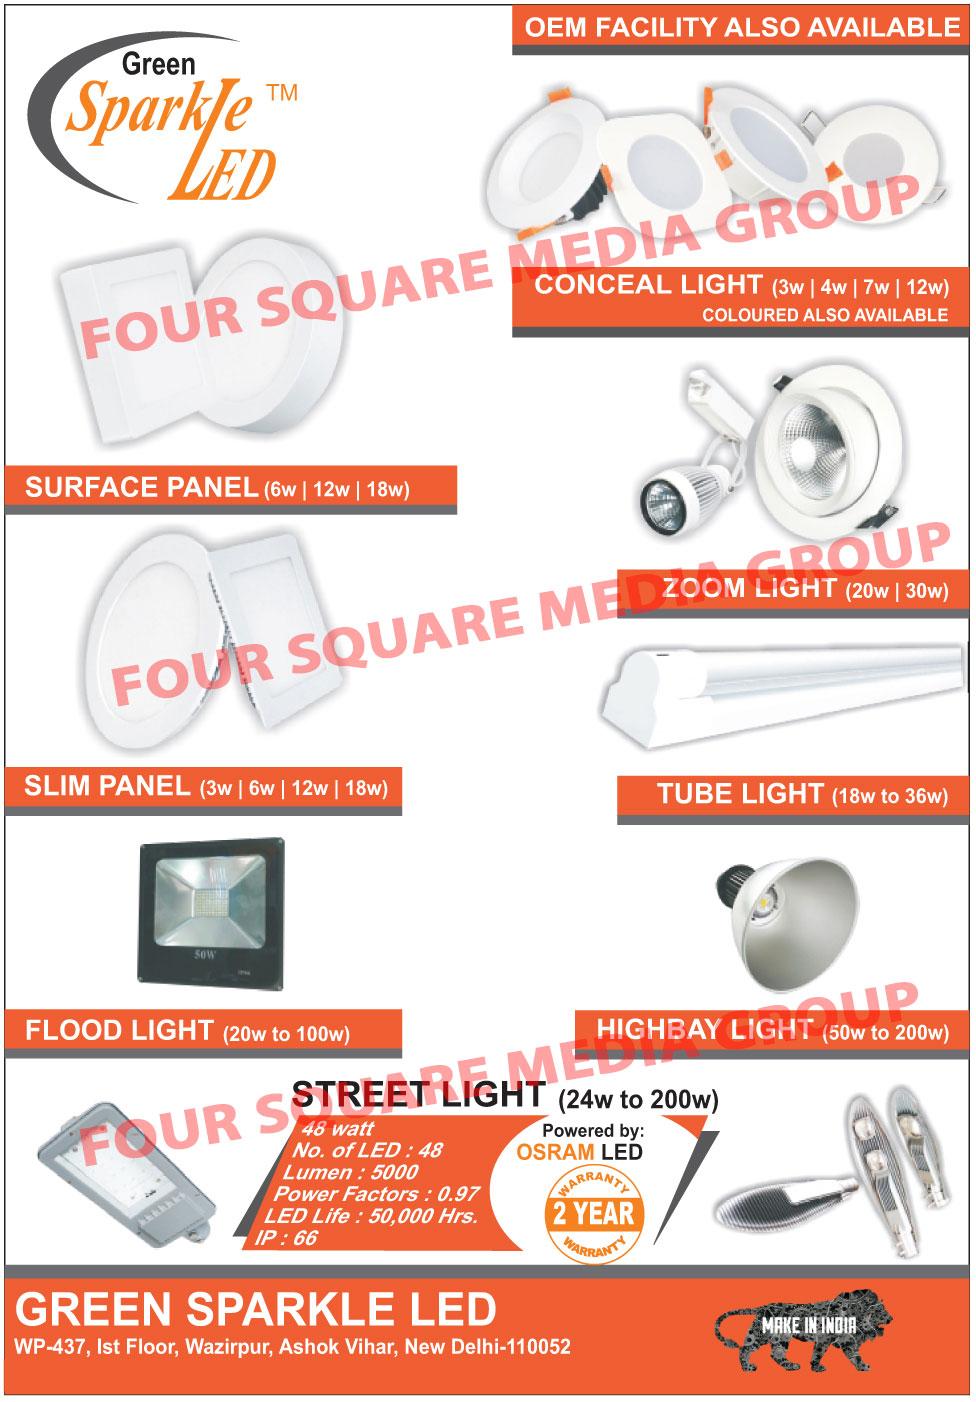 Led Lights, Conceal Lights, Surface Panels, Surface Panel Lights, Slim Panels, Slim Panel Lights, Flood Lights, Zoom Lights, Tube Lights, High Bay Lights